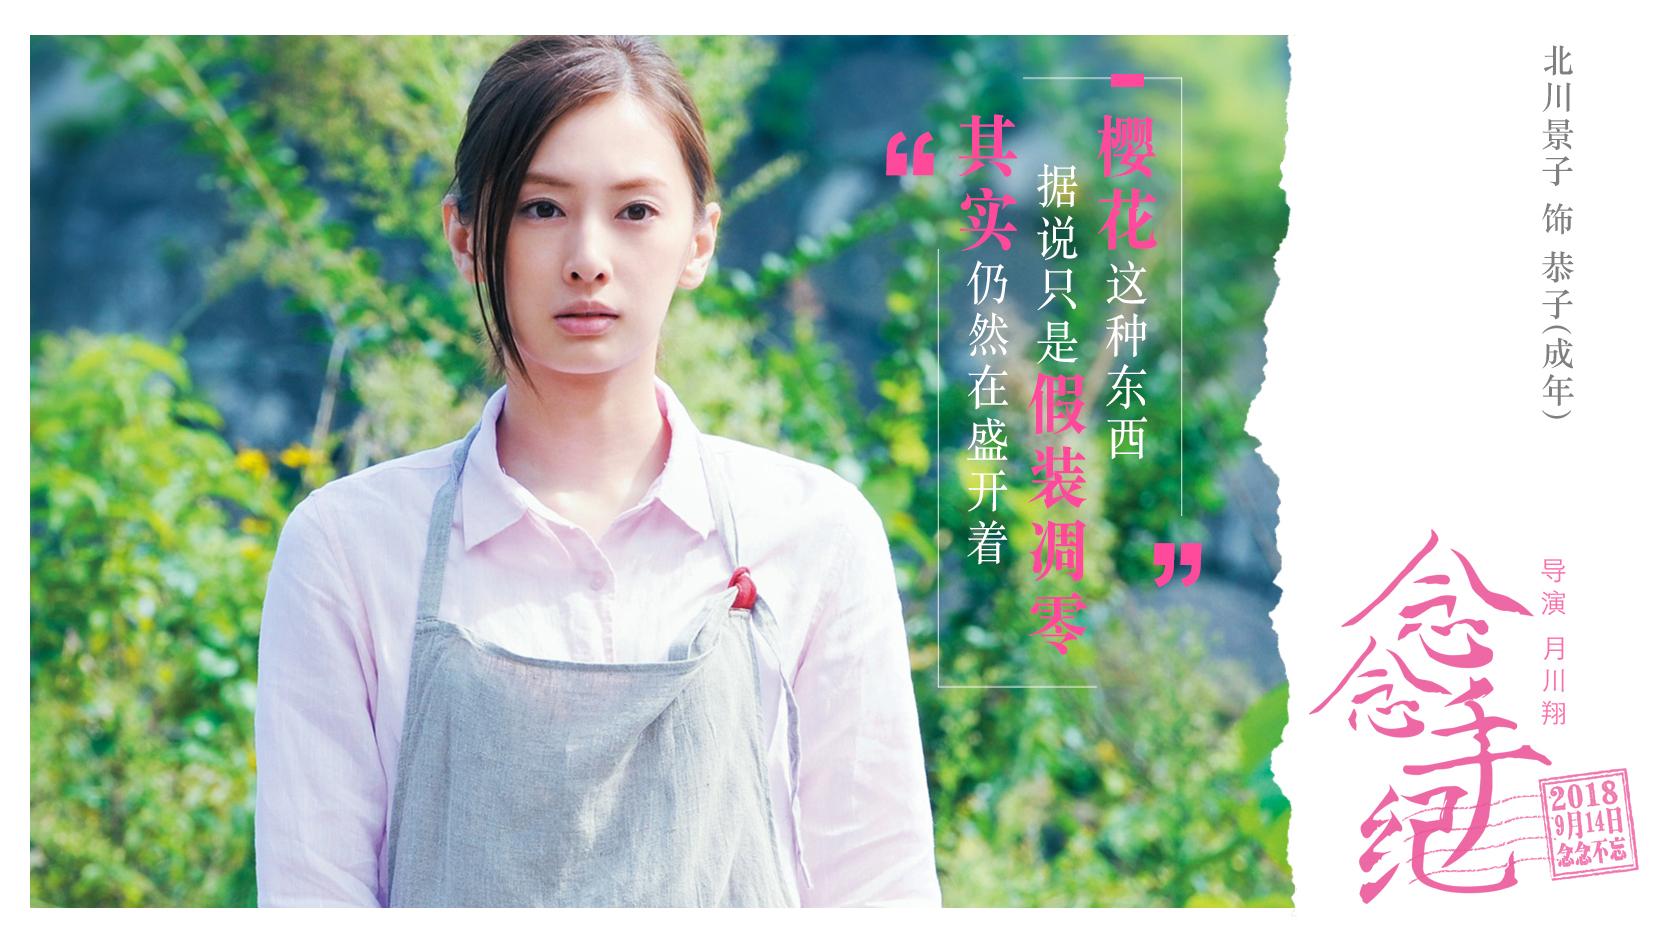 9月成年人电影网_该片在海外知名电影网站获得4.0的高分(满分5.